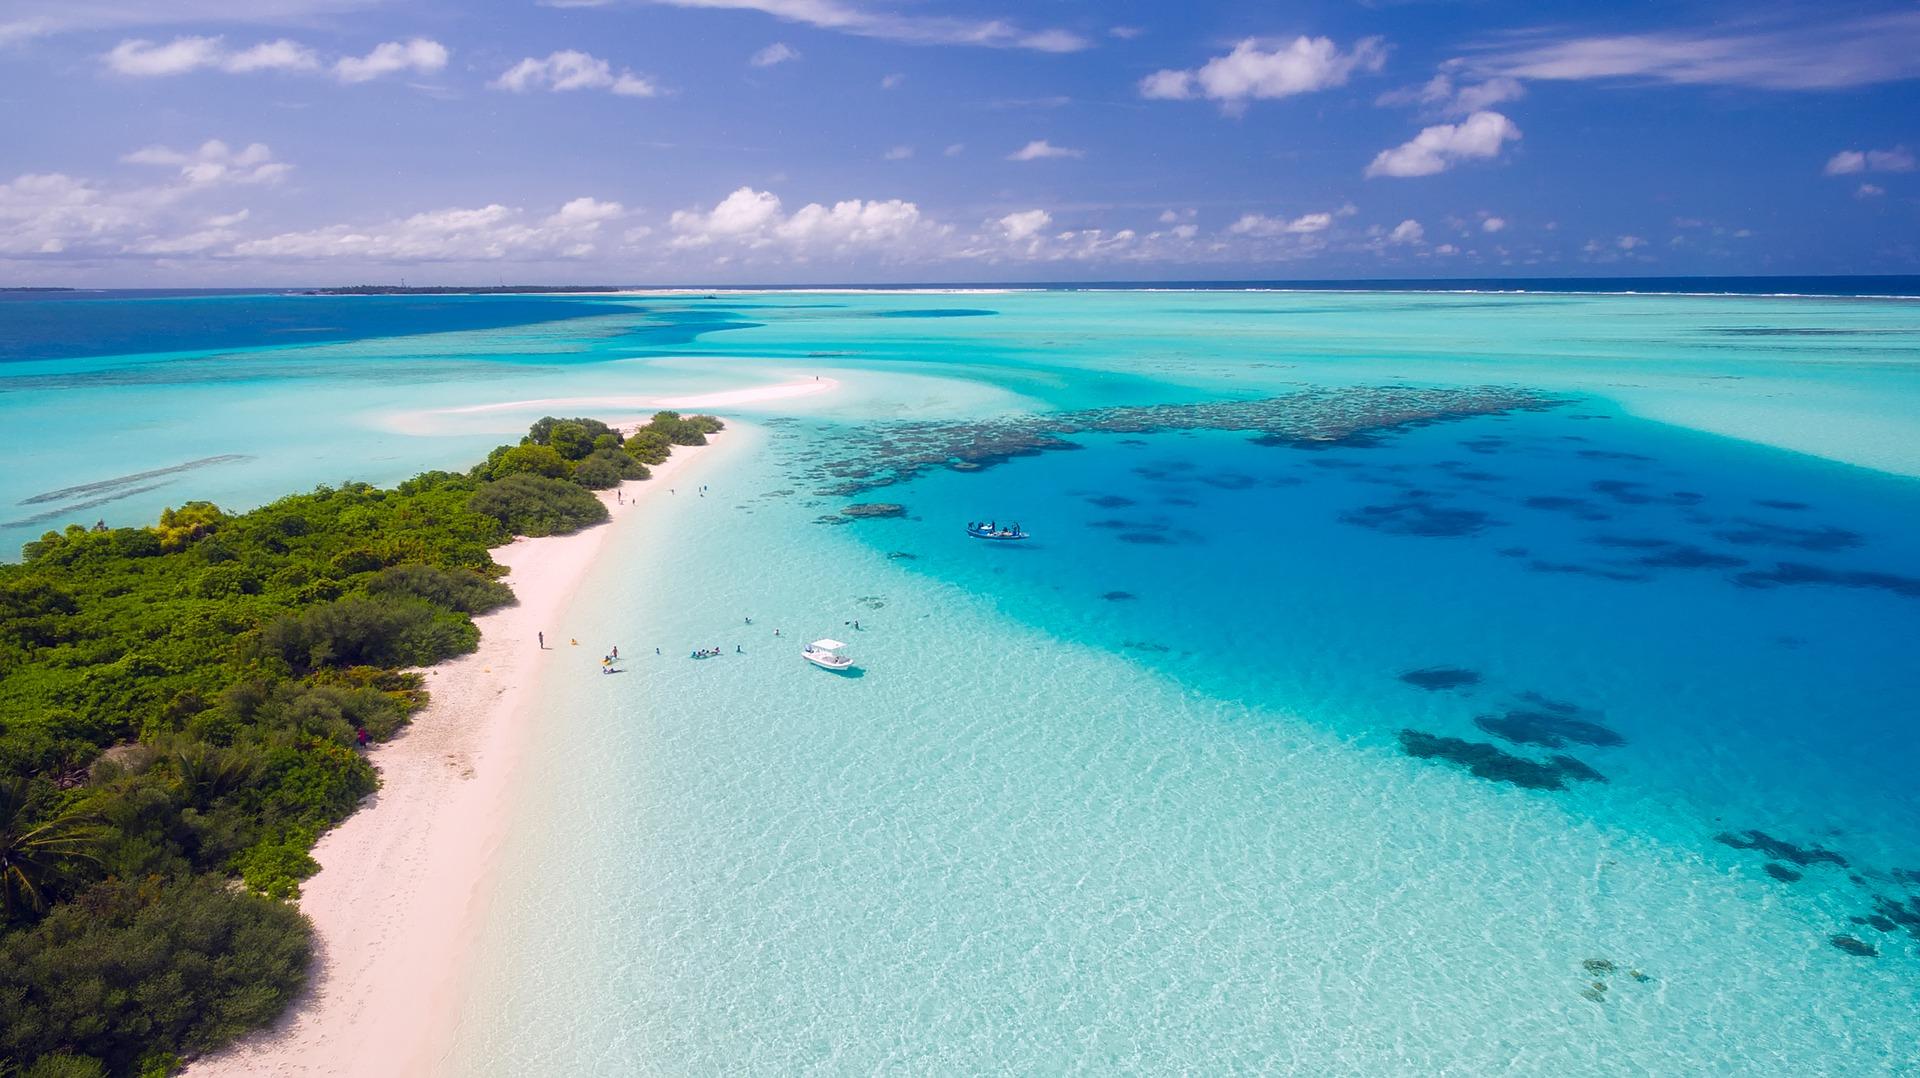 Malediven - Ein Traum